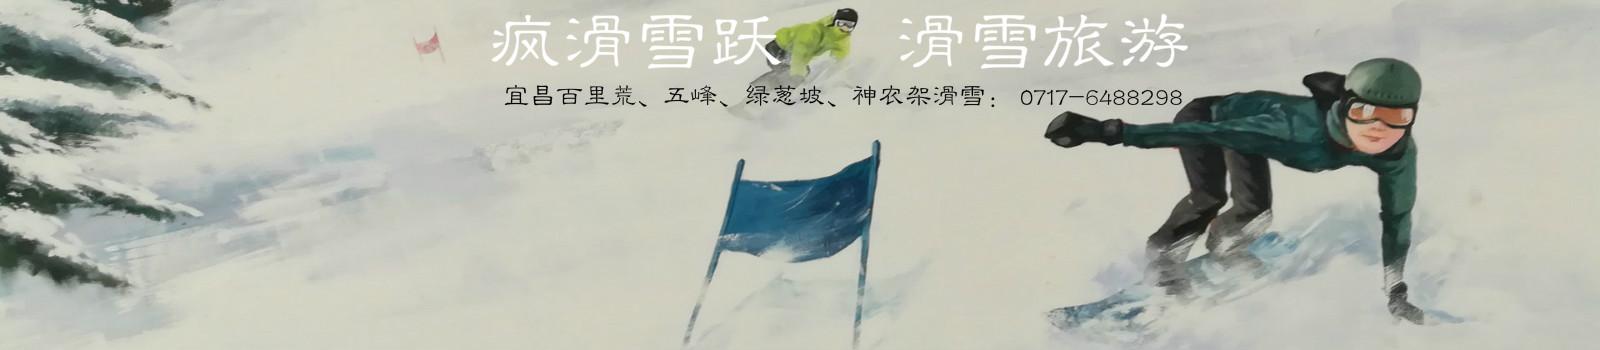 宜昌滑雪旅游线路